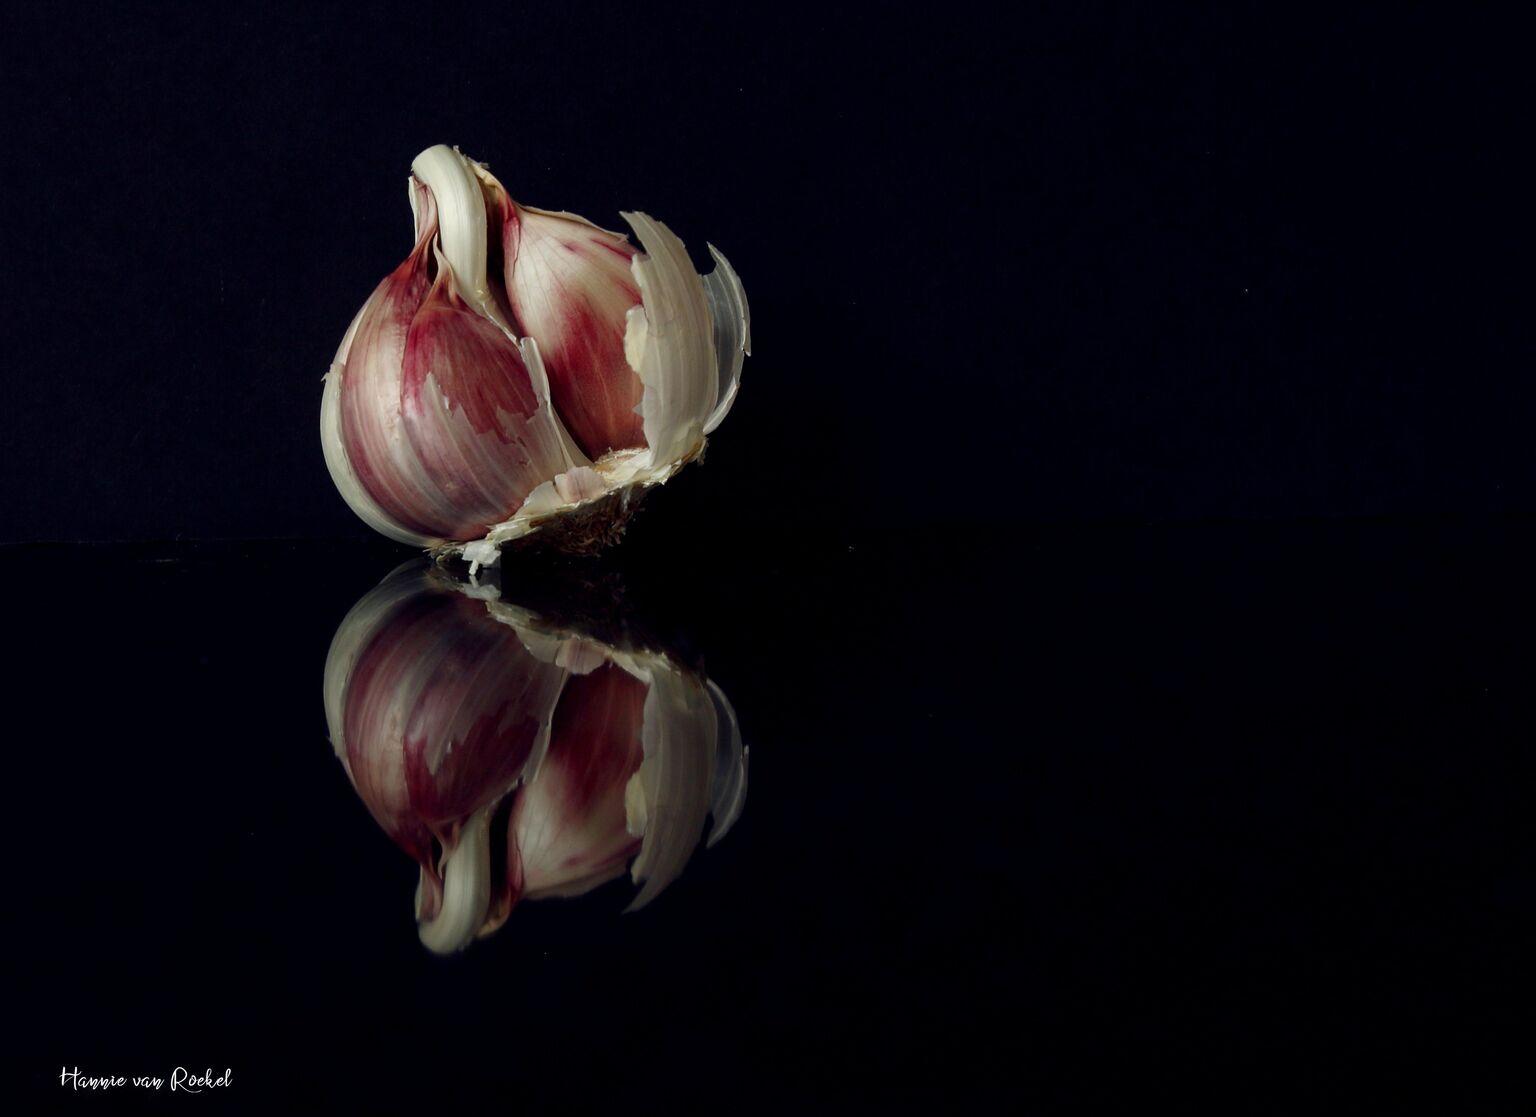 spiegeling - reflectie  - foto door crazydiamond op 09-04-2021 - deze foto bevat: reflectie, food, bloem, bloemblaadje, fabriek, terrestrische plant, olifant knoflook, knoflook, bloeiende plant, kruidachtige plant, ingrediënt, groente